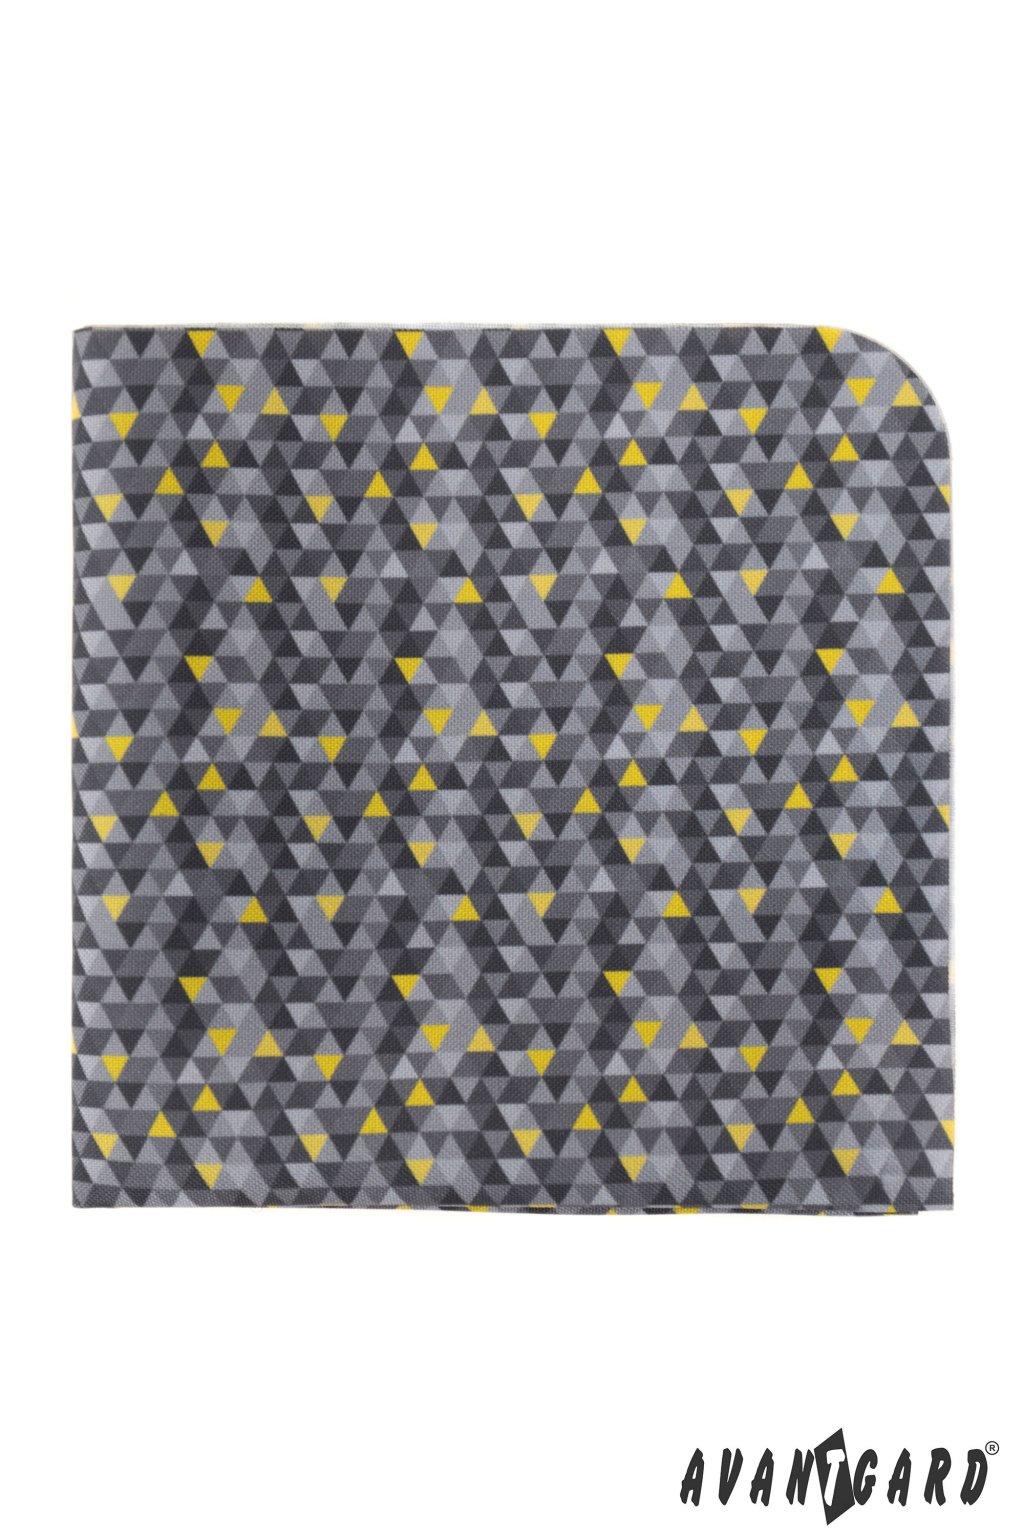 Kapesníček do saka LUX šedá/žlutá, barva roku 2021 583 - 2021